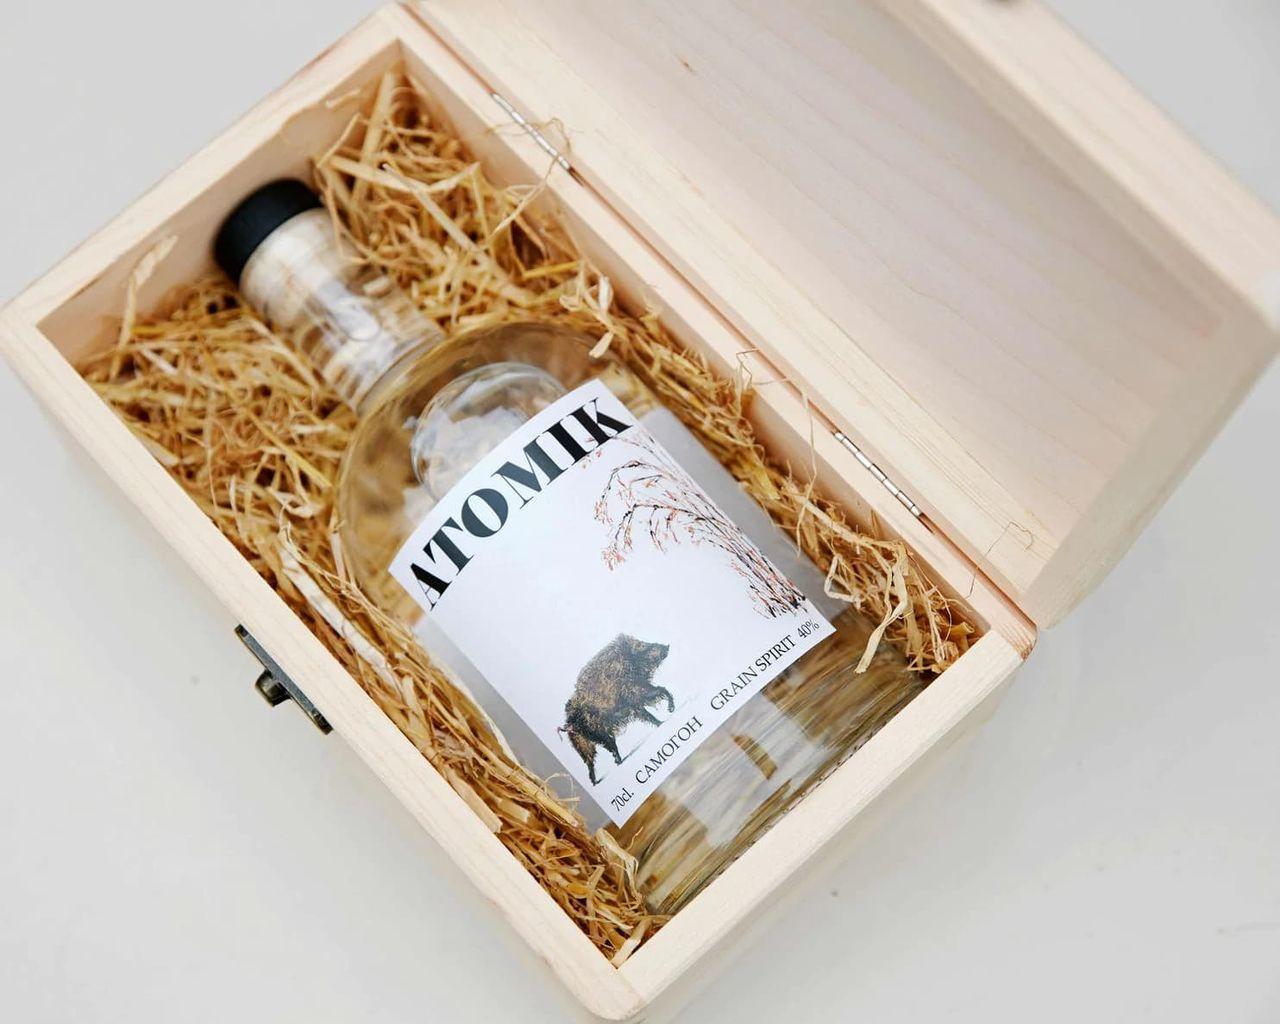 Atomik Vodka är gjord på vete från  Tjernobyl